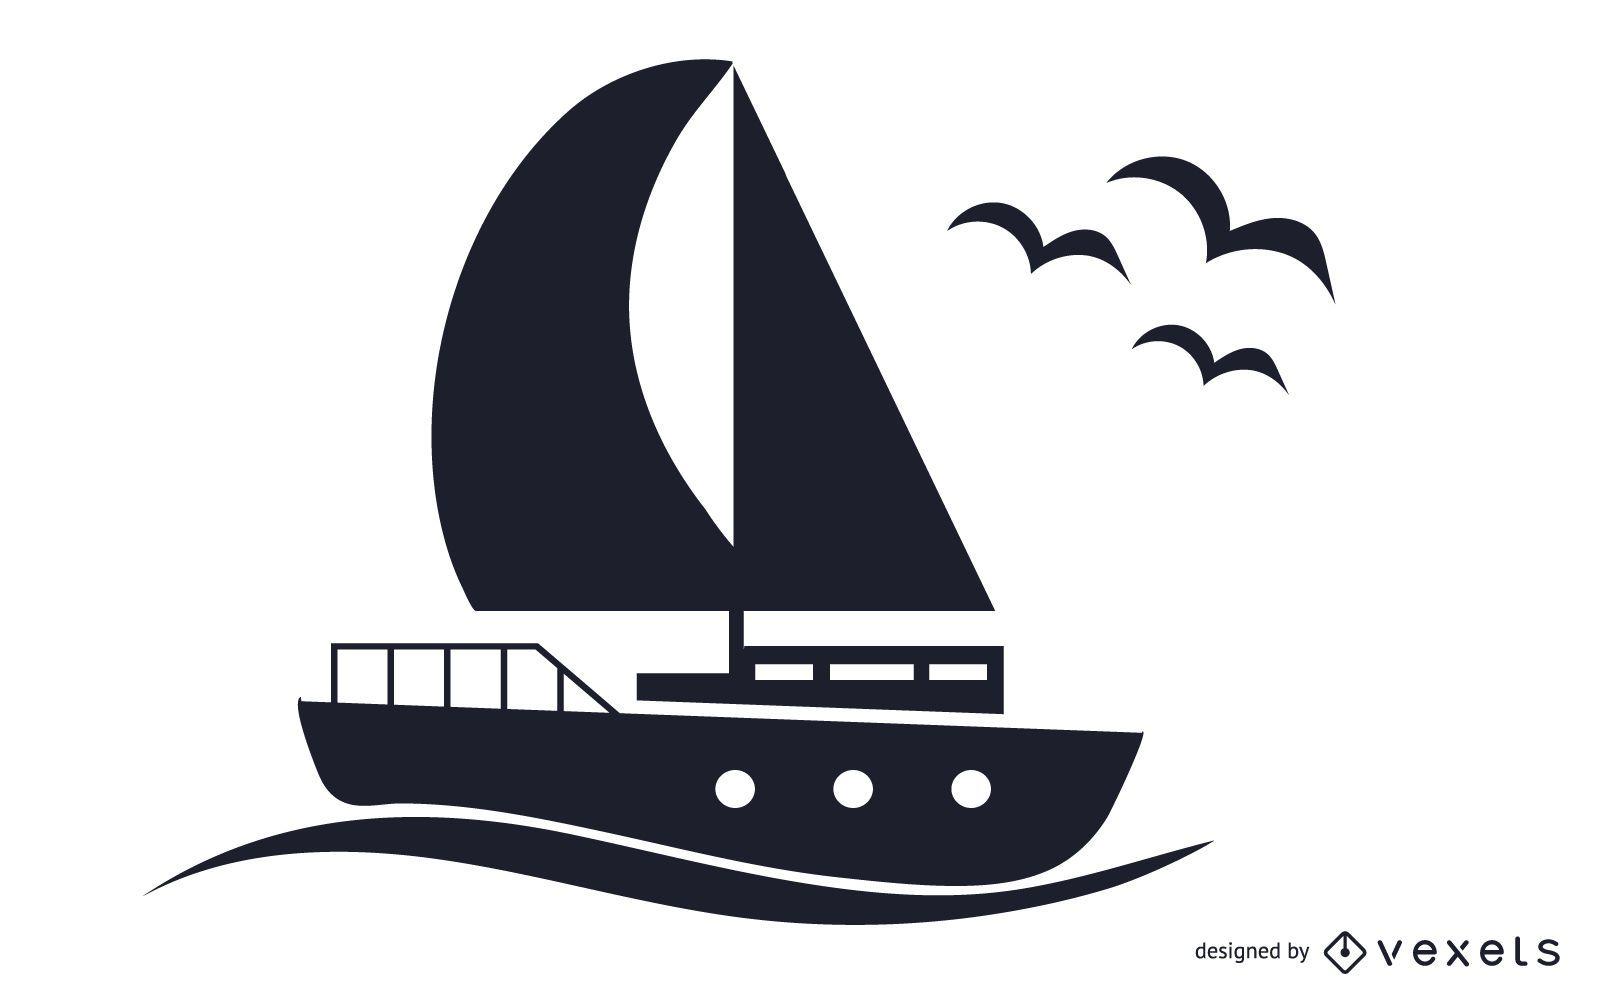 Ilustración de barco blanco y negro